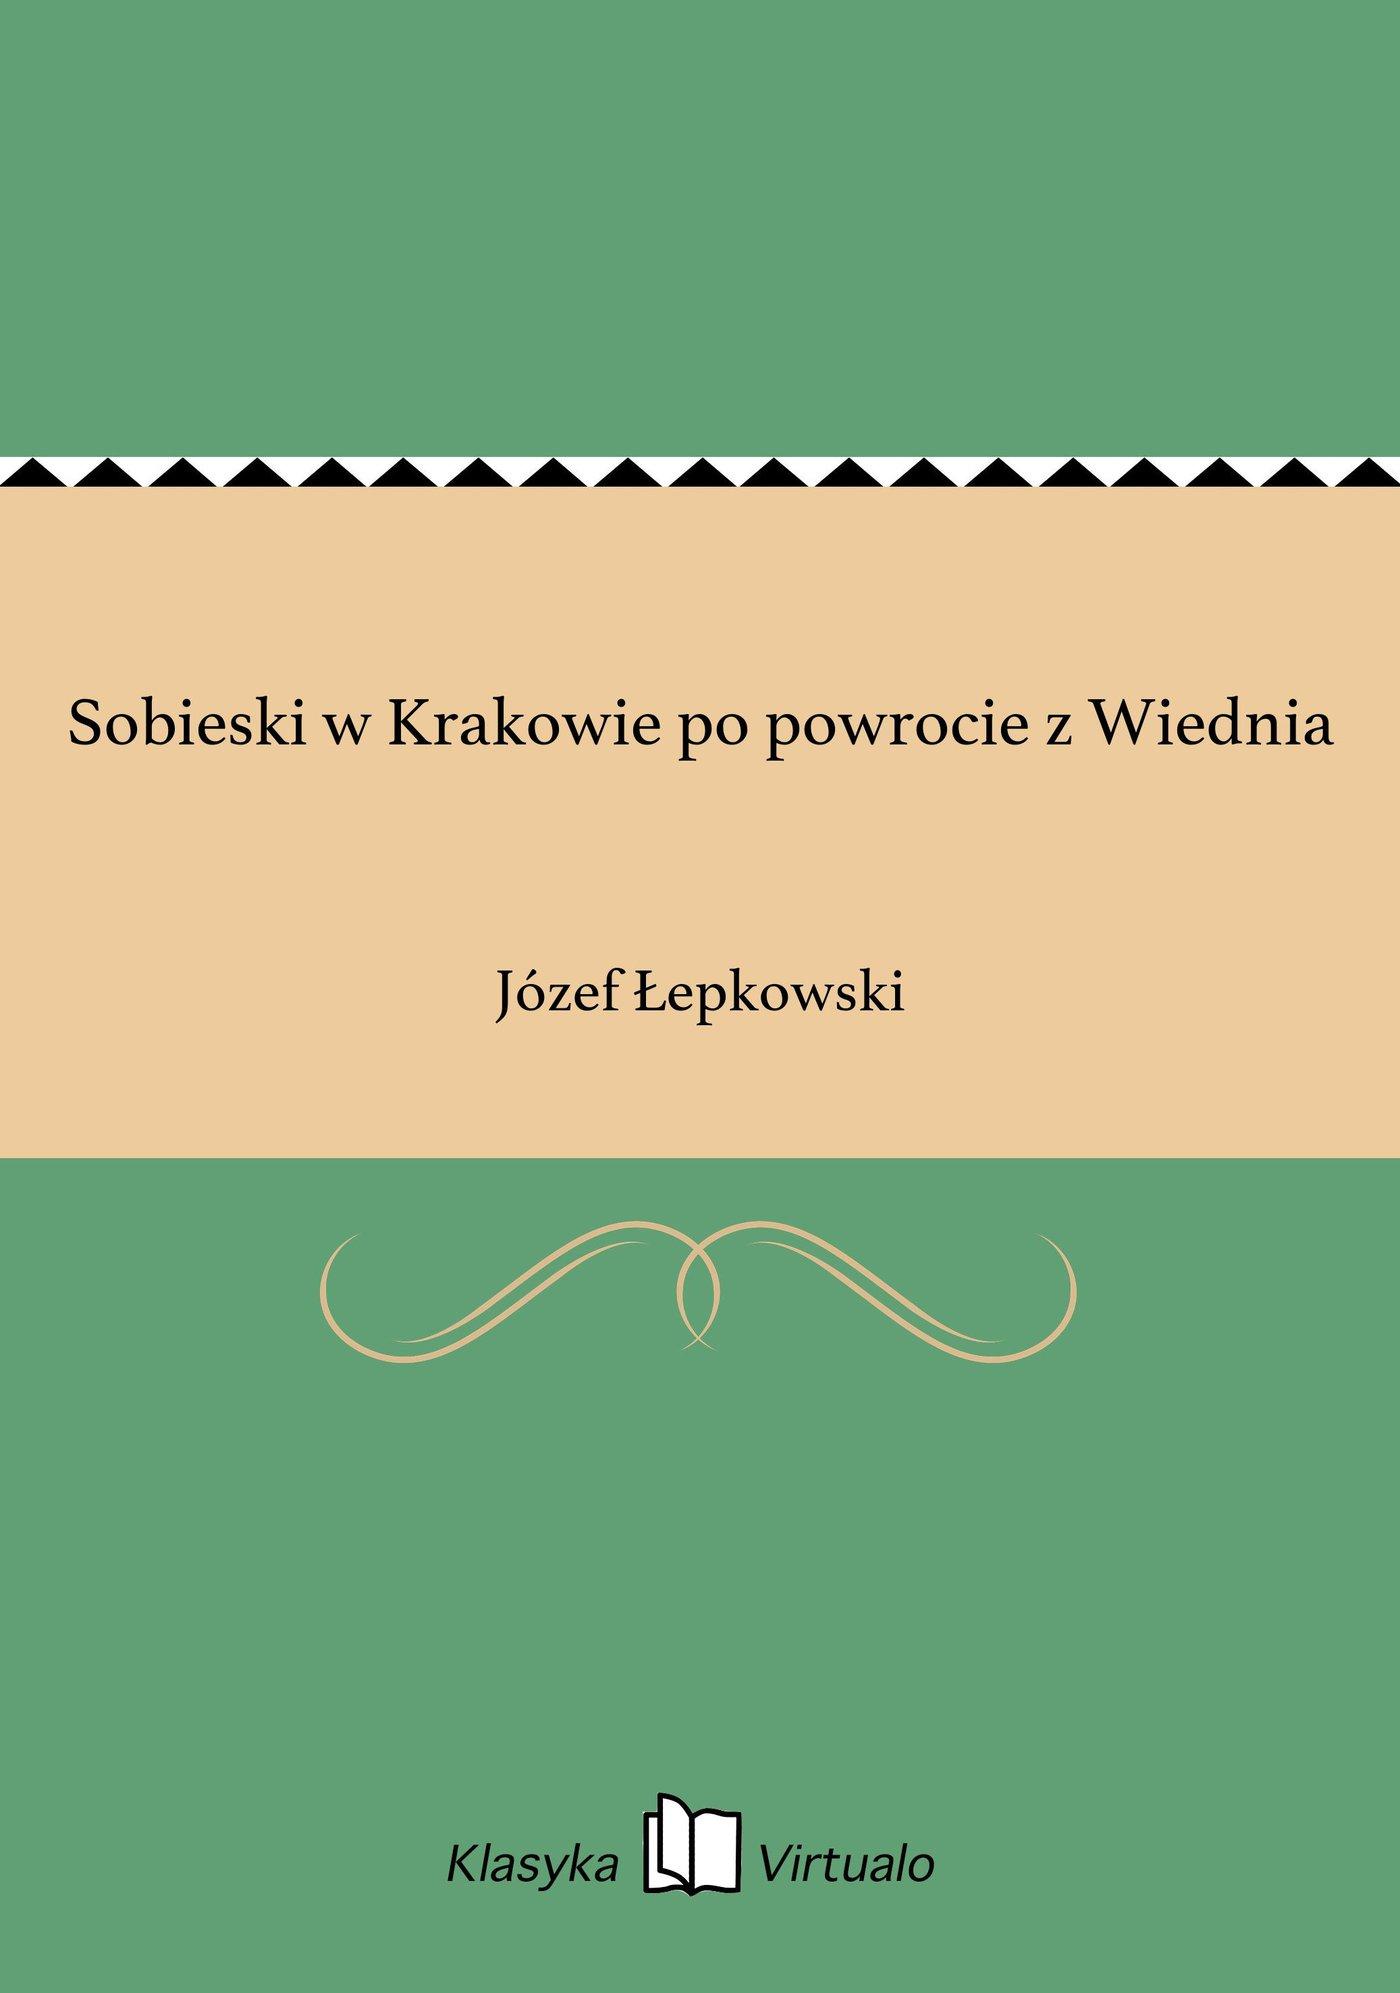 Sobieski w Krakowie po powrocie z Wiednia - Ebook (Książka EPUB) do pobrania w formacie EPUB